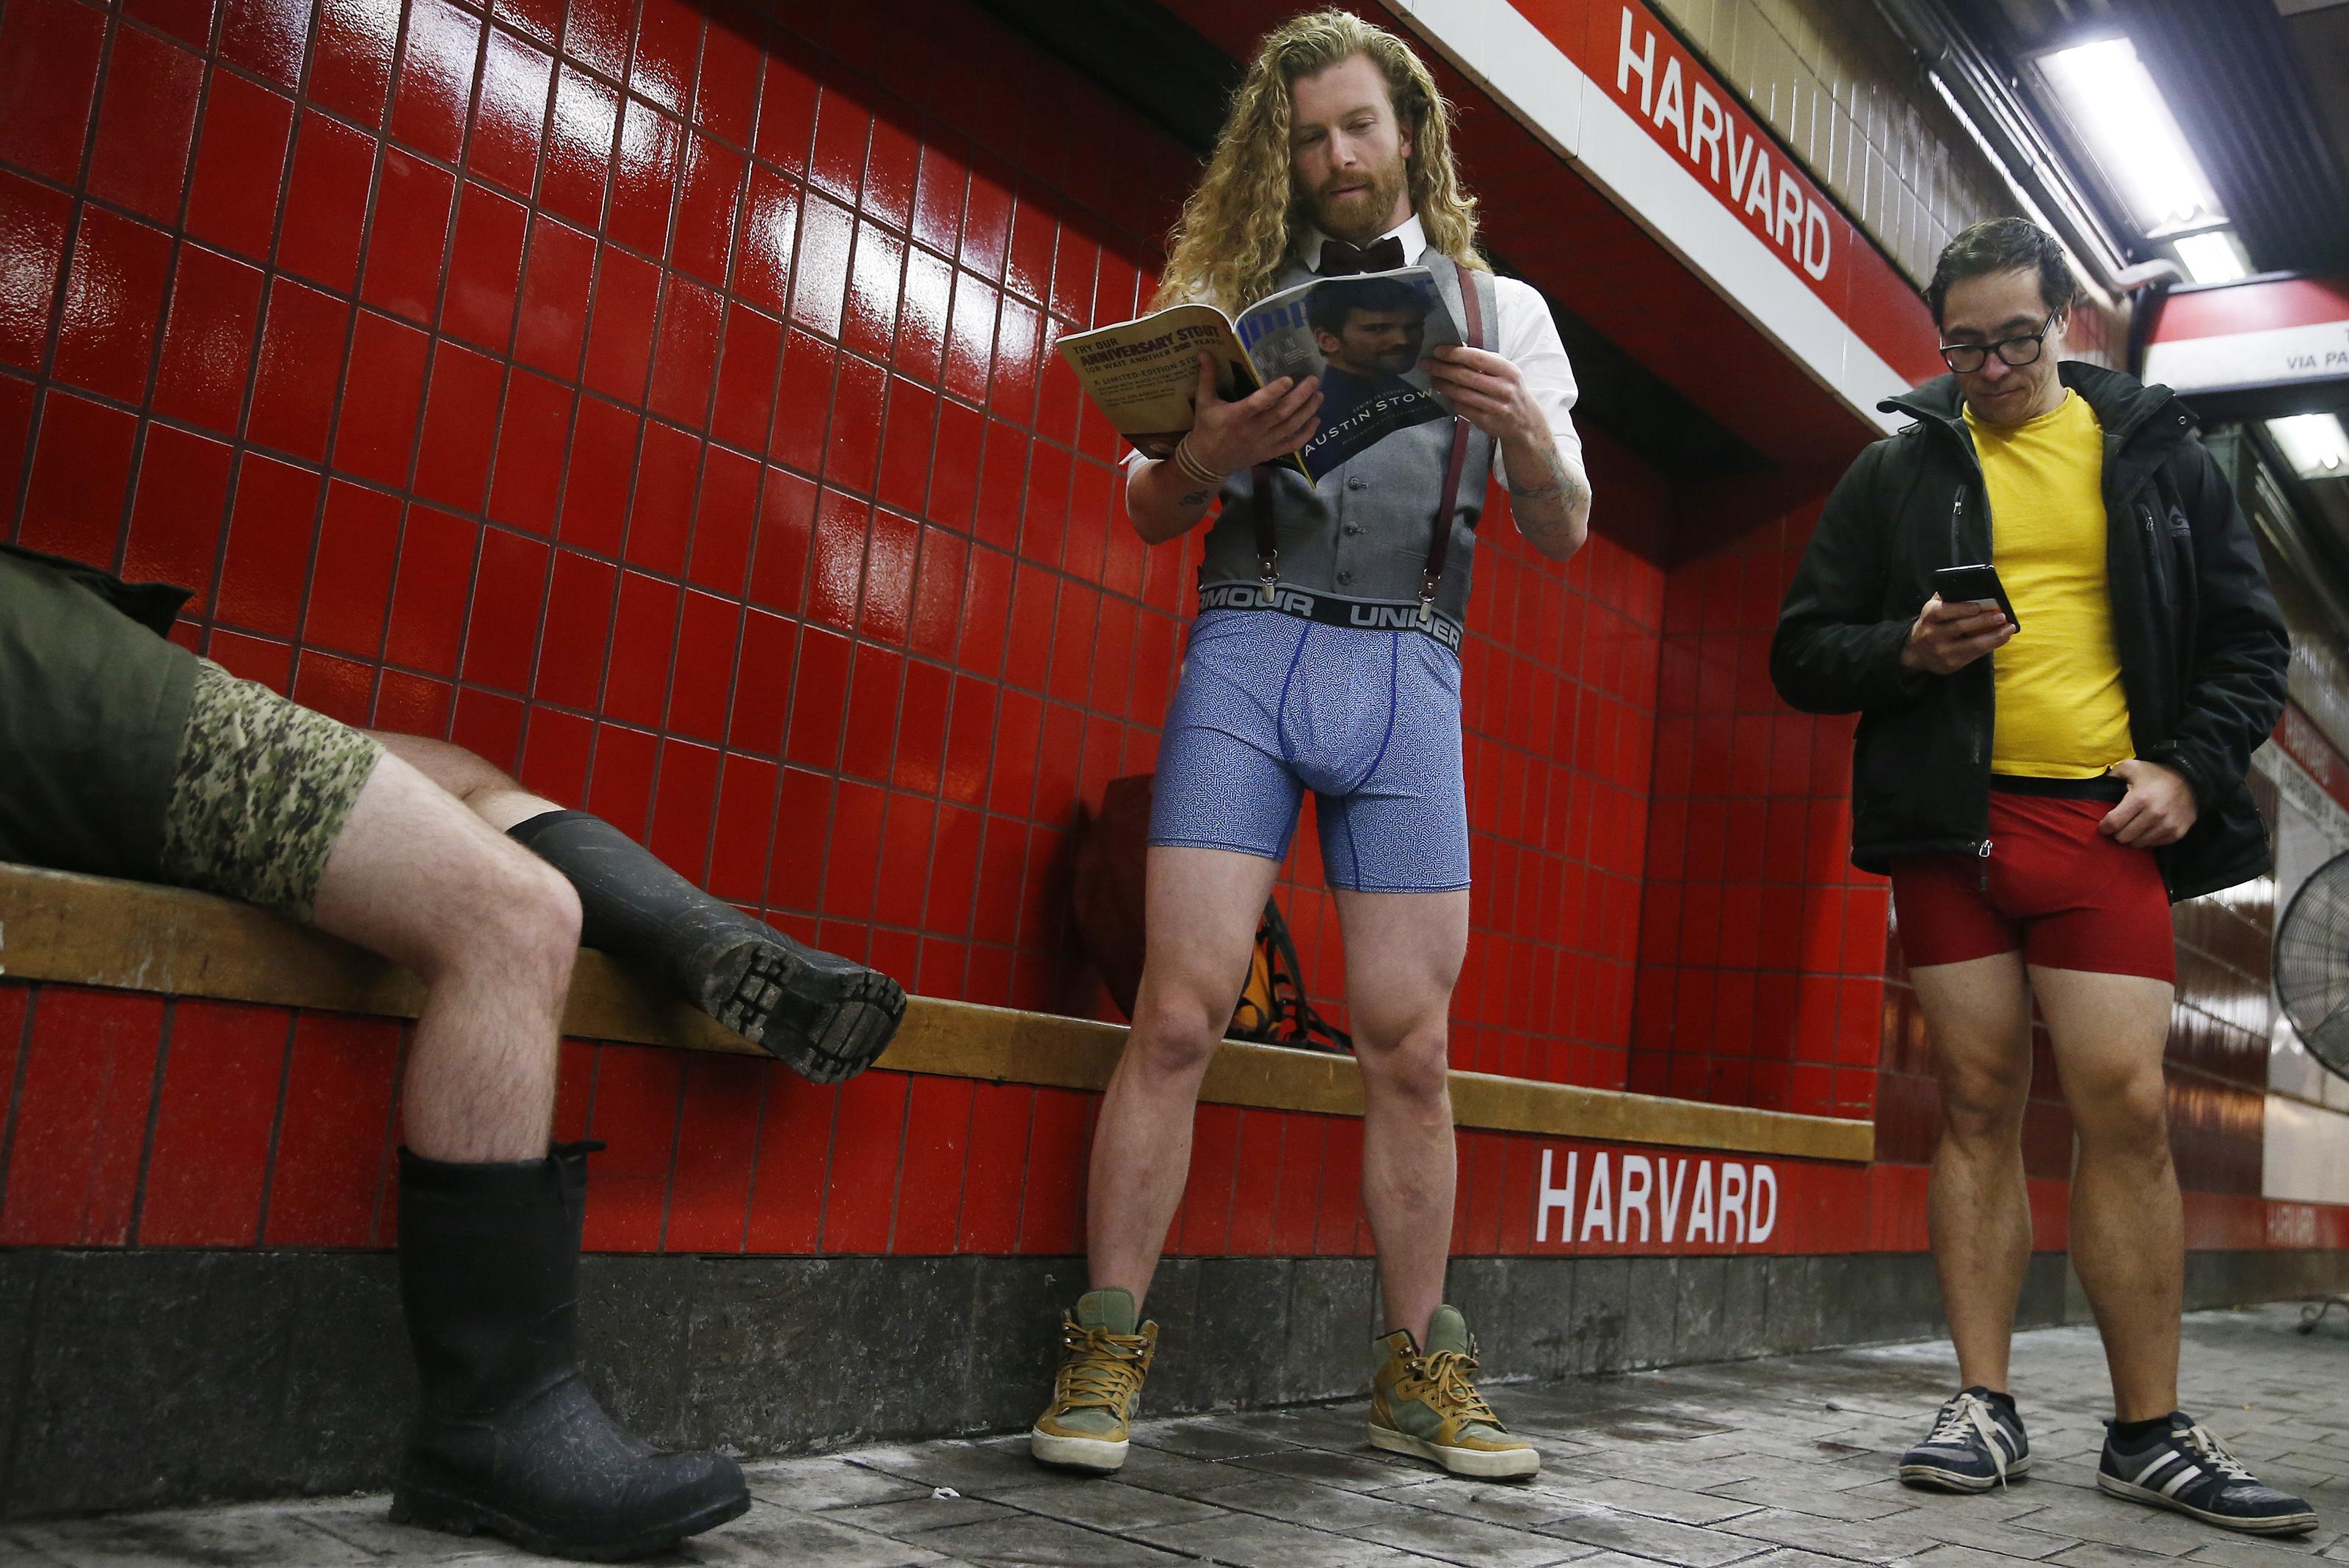 Annual No Pants Subway Ride